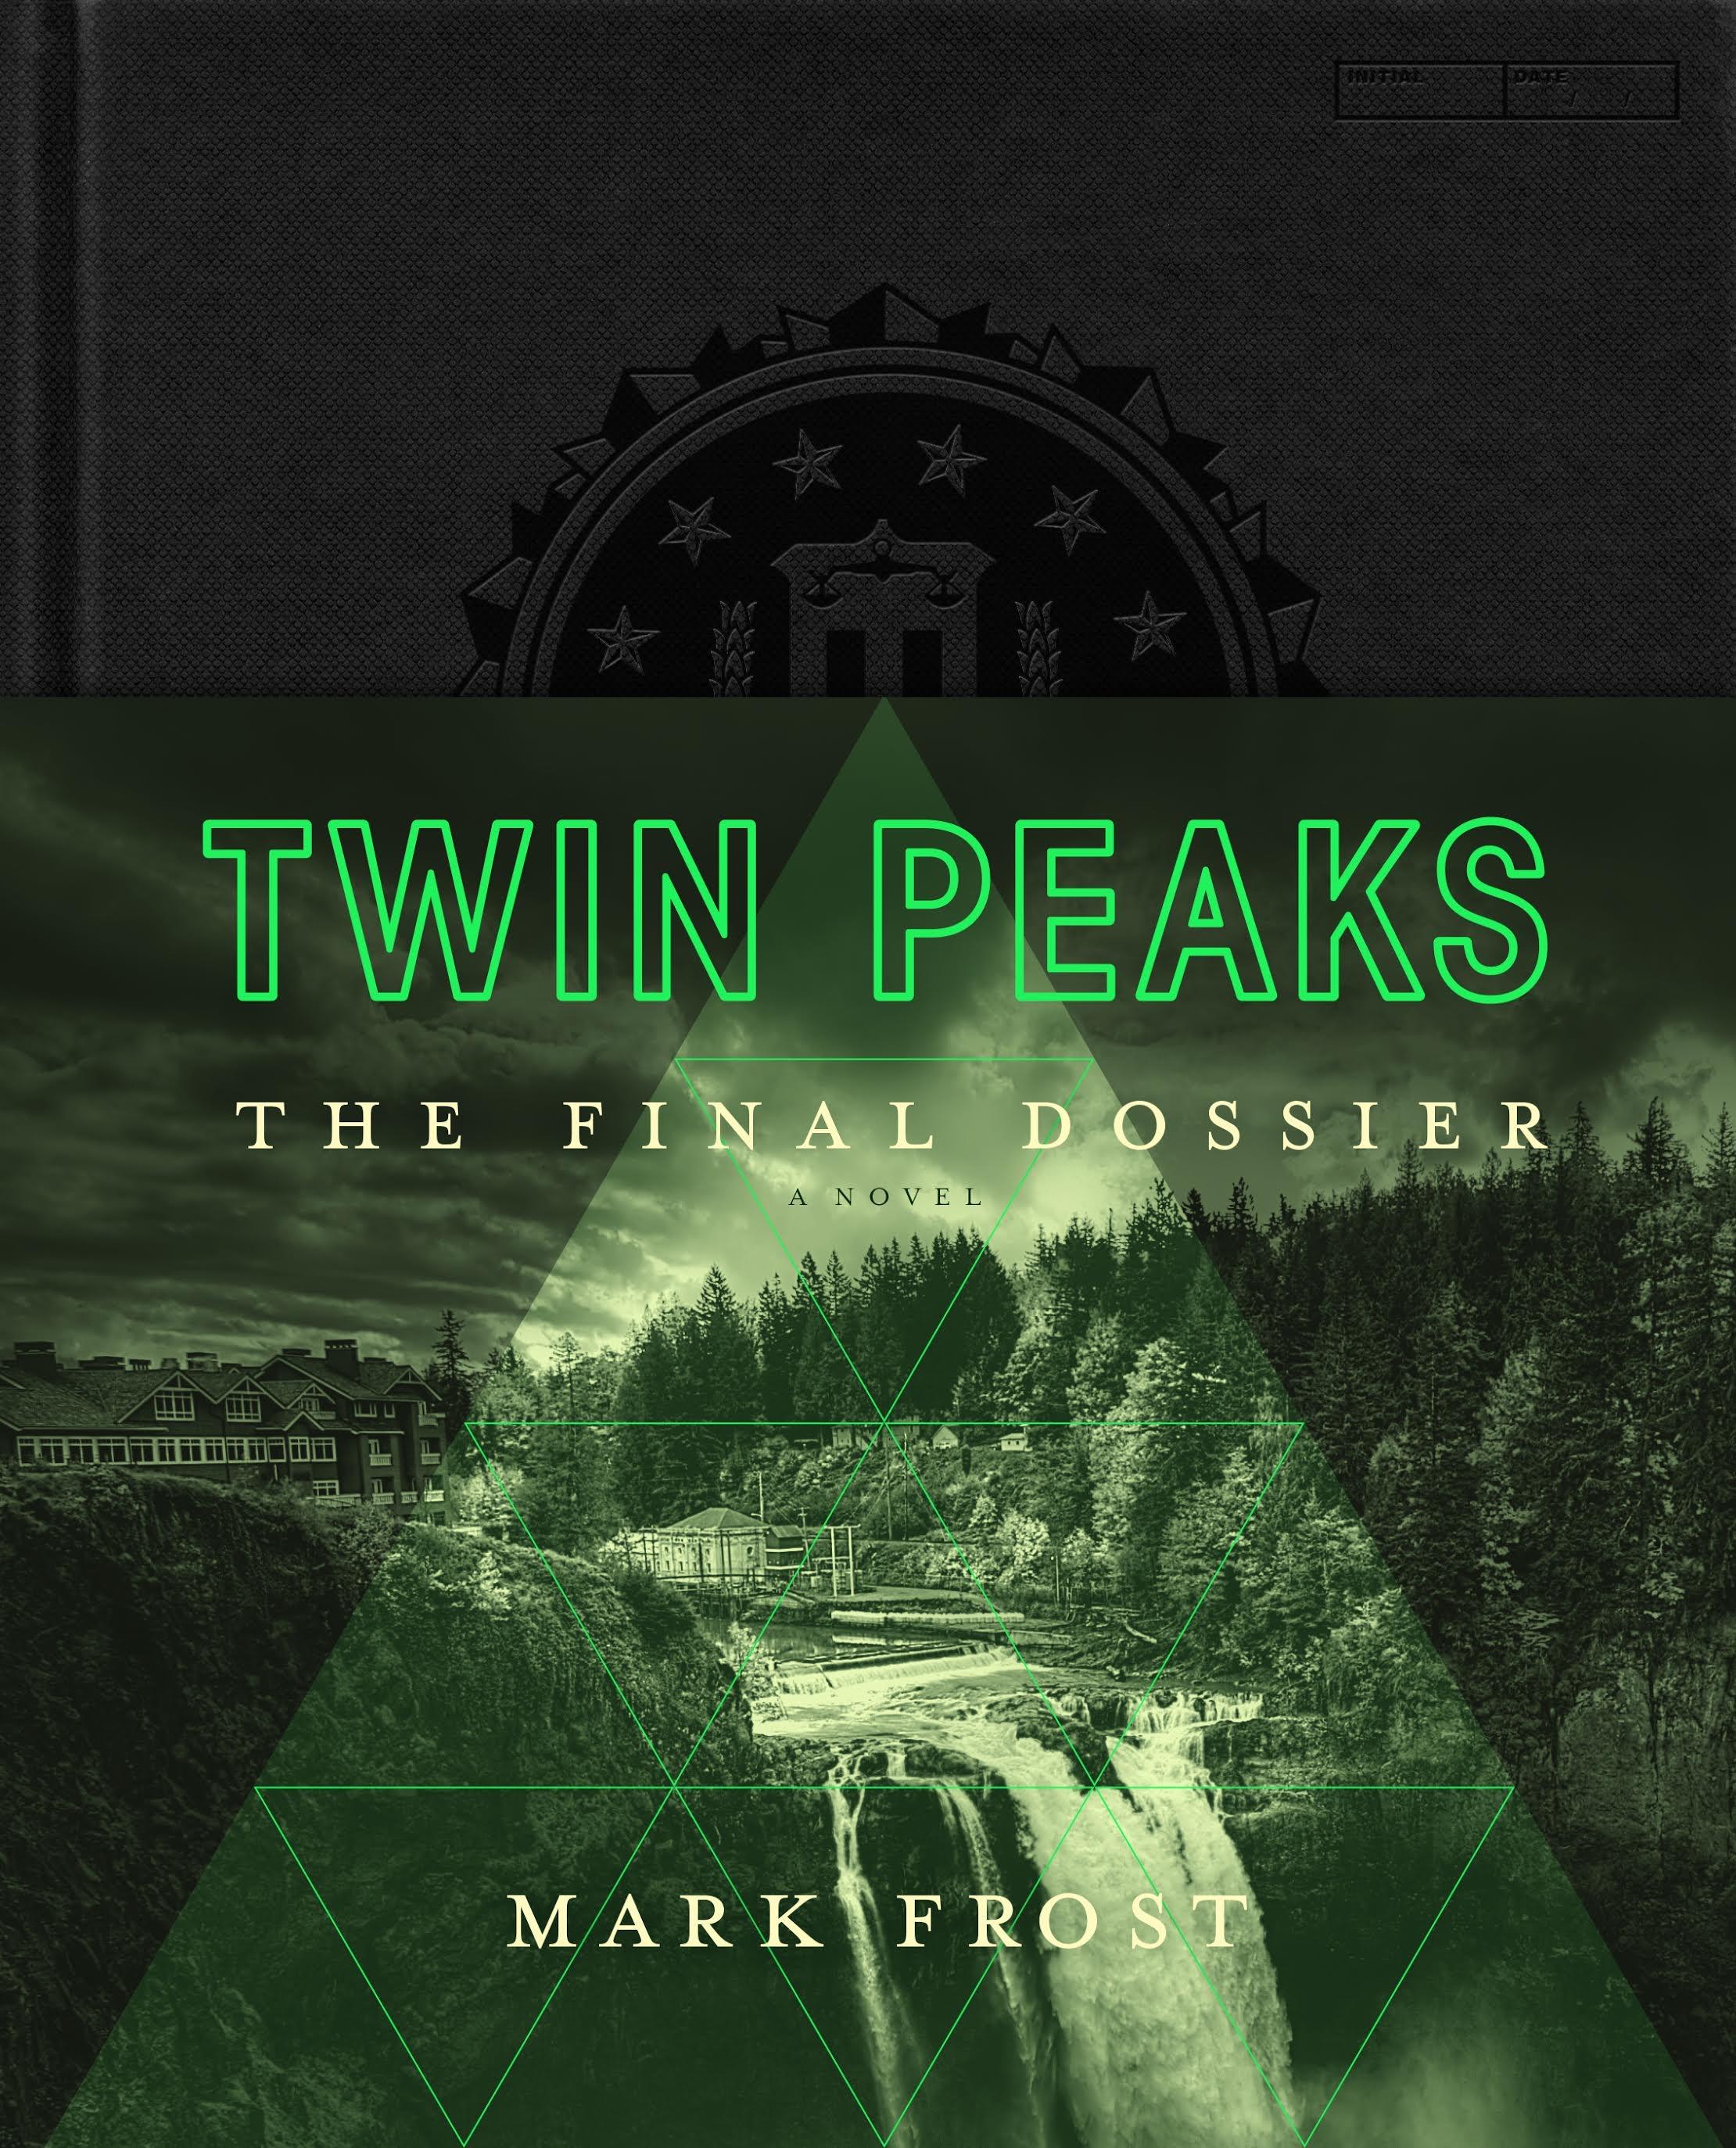 Twin Peaks The Final Dossier